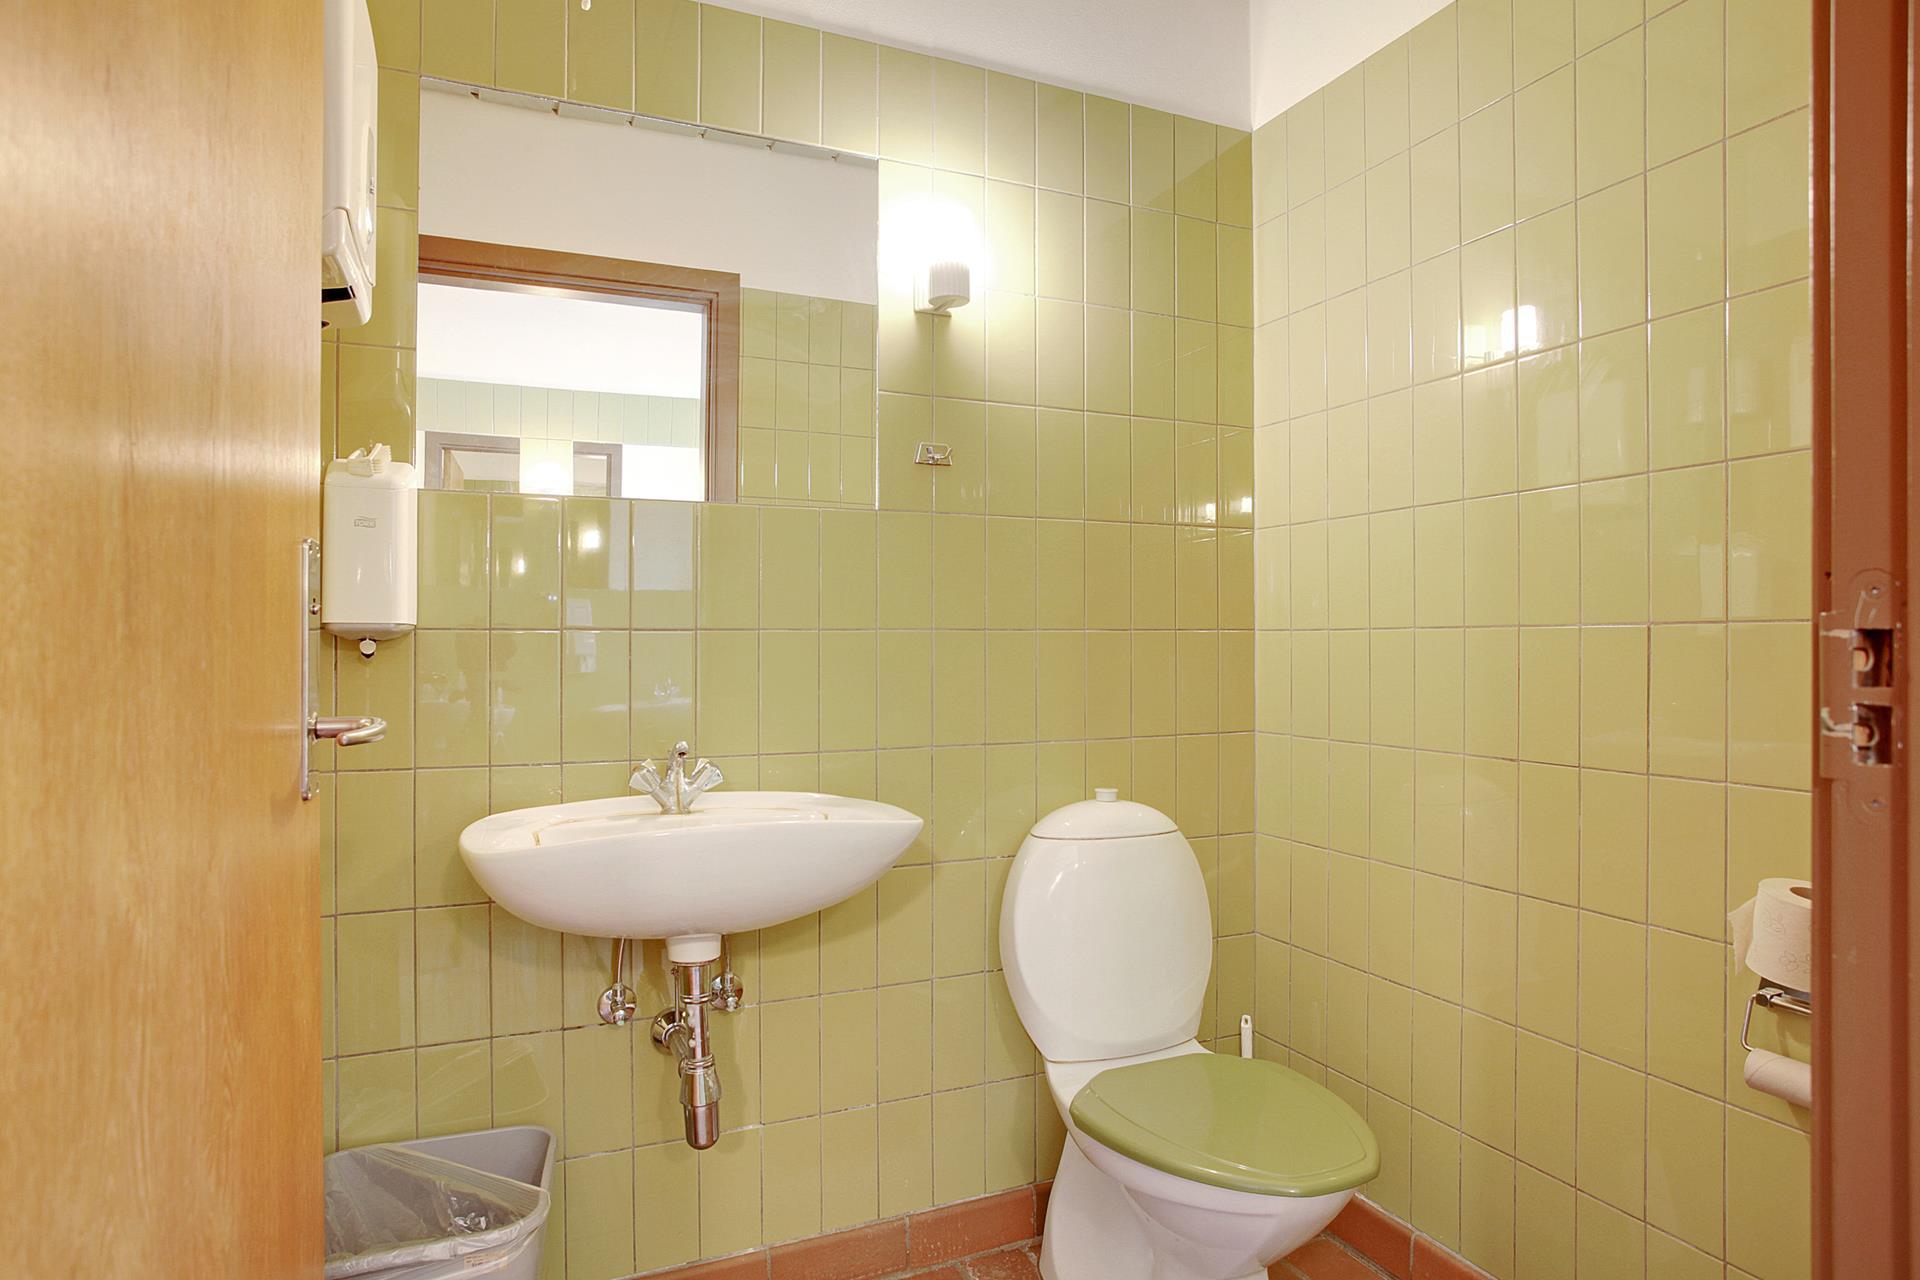 Bolig/erhverv på Jernbanegade i Brædstrup - Toilet